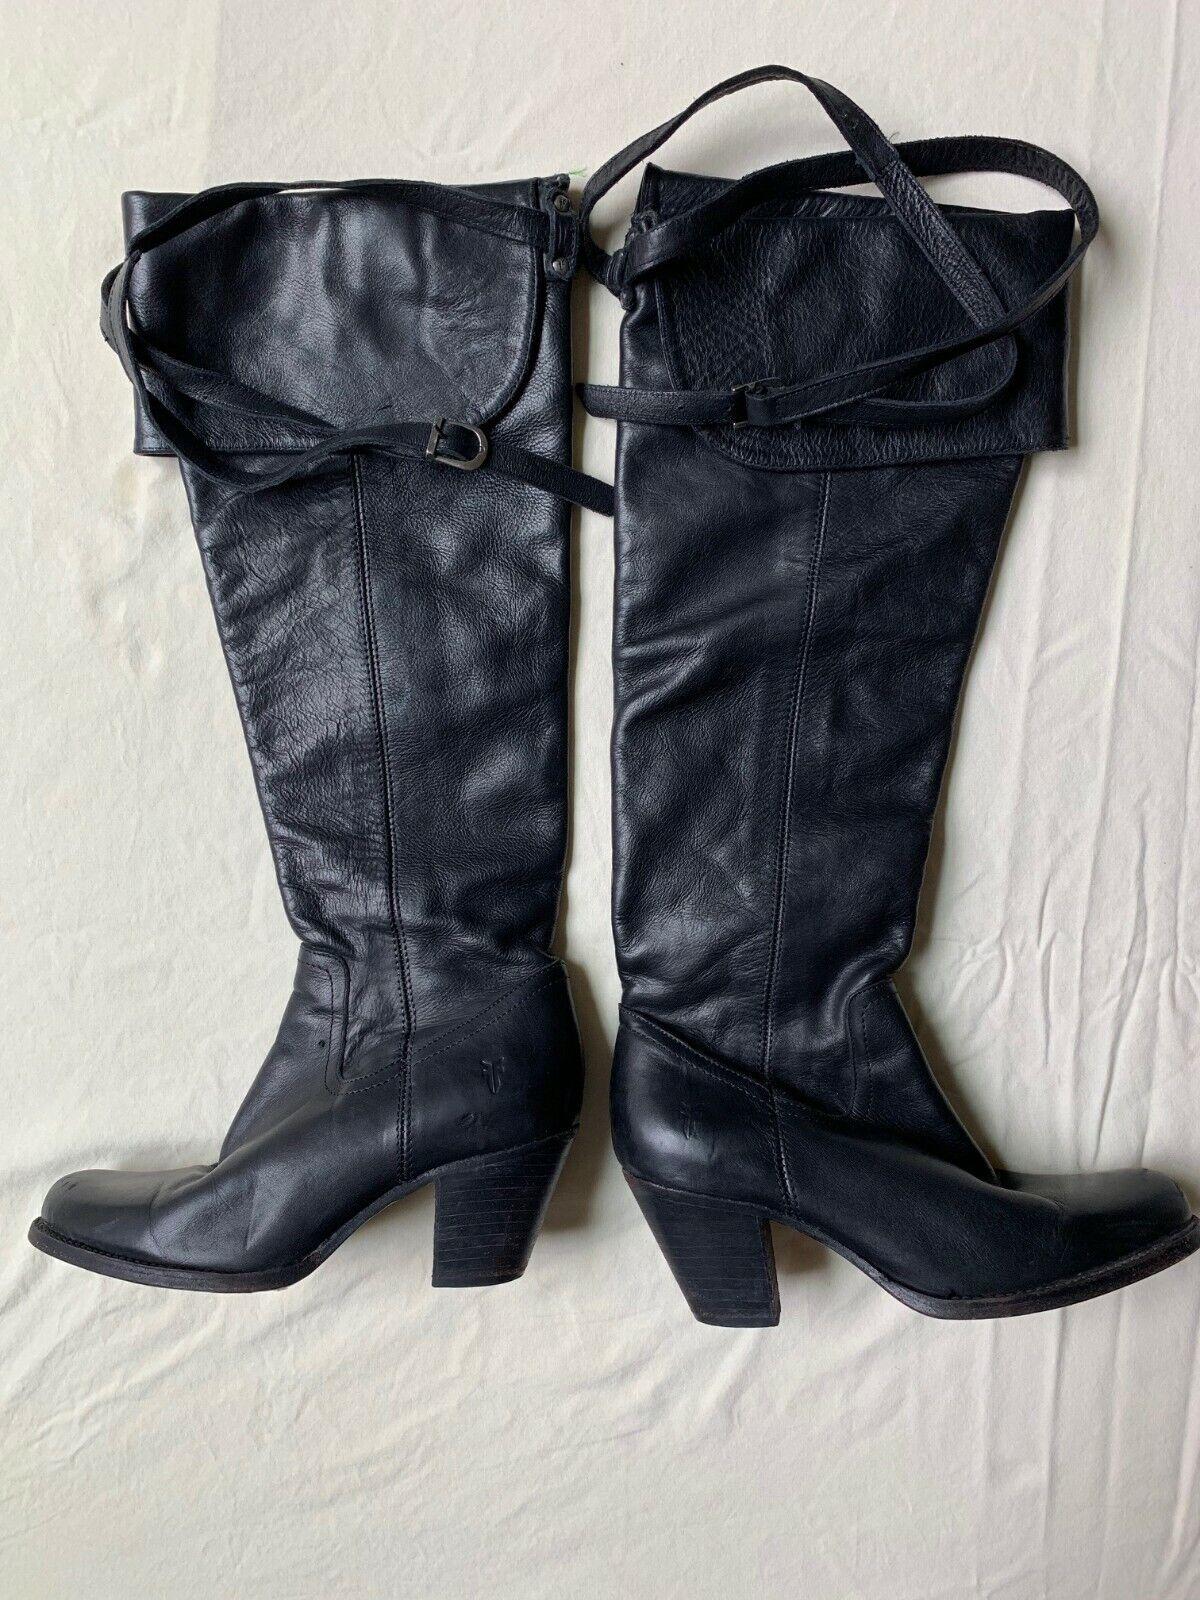 confortevole FRYE Donna  Knee High avvio nero nero nero Leather Dimensione 7.5 B  economico e di alta qualità